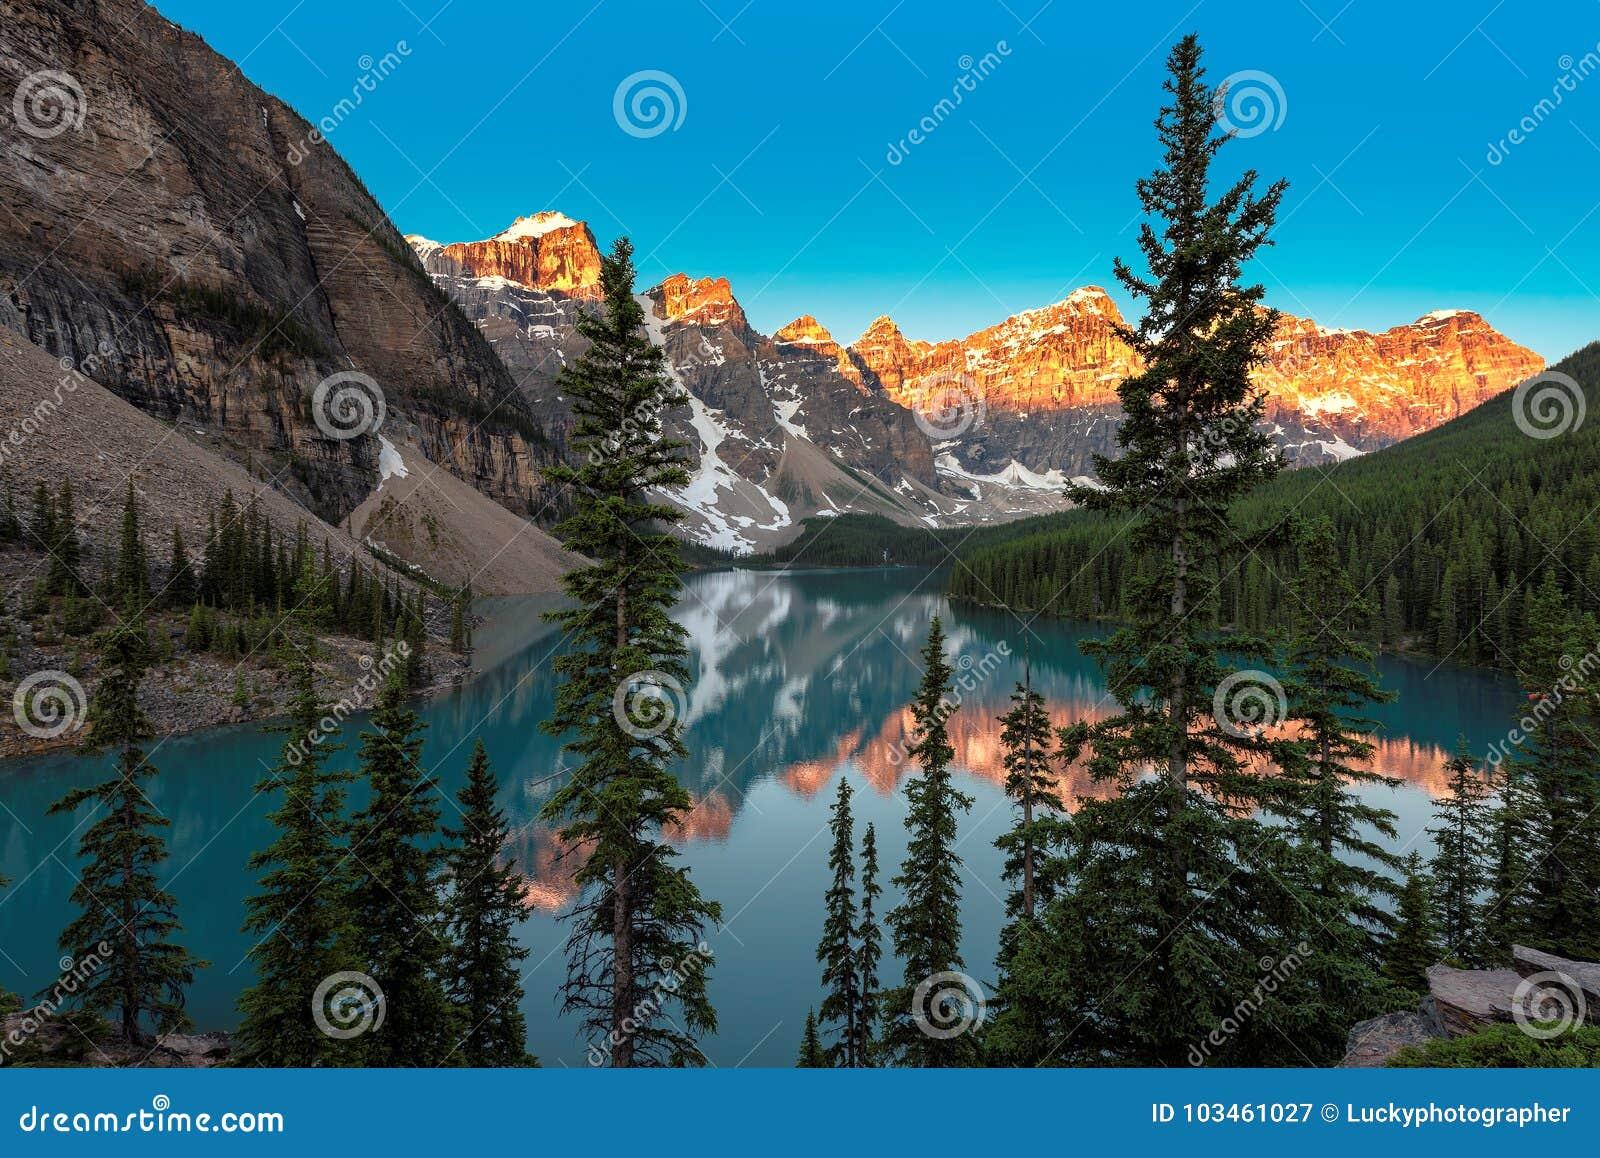 Salida del sol en el lago en montañas rocosas canadienses, parque nacional de Banff, Canadá moraine